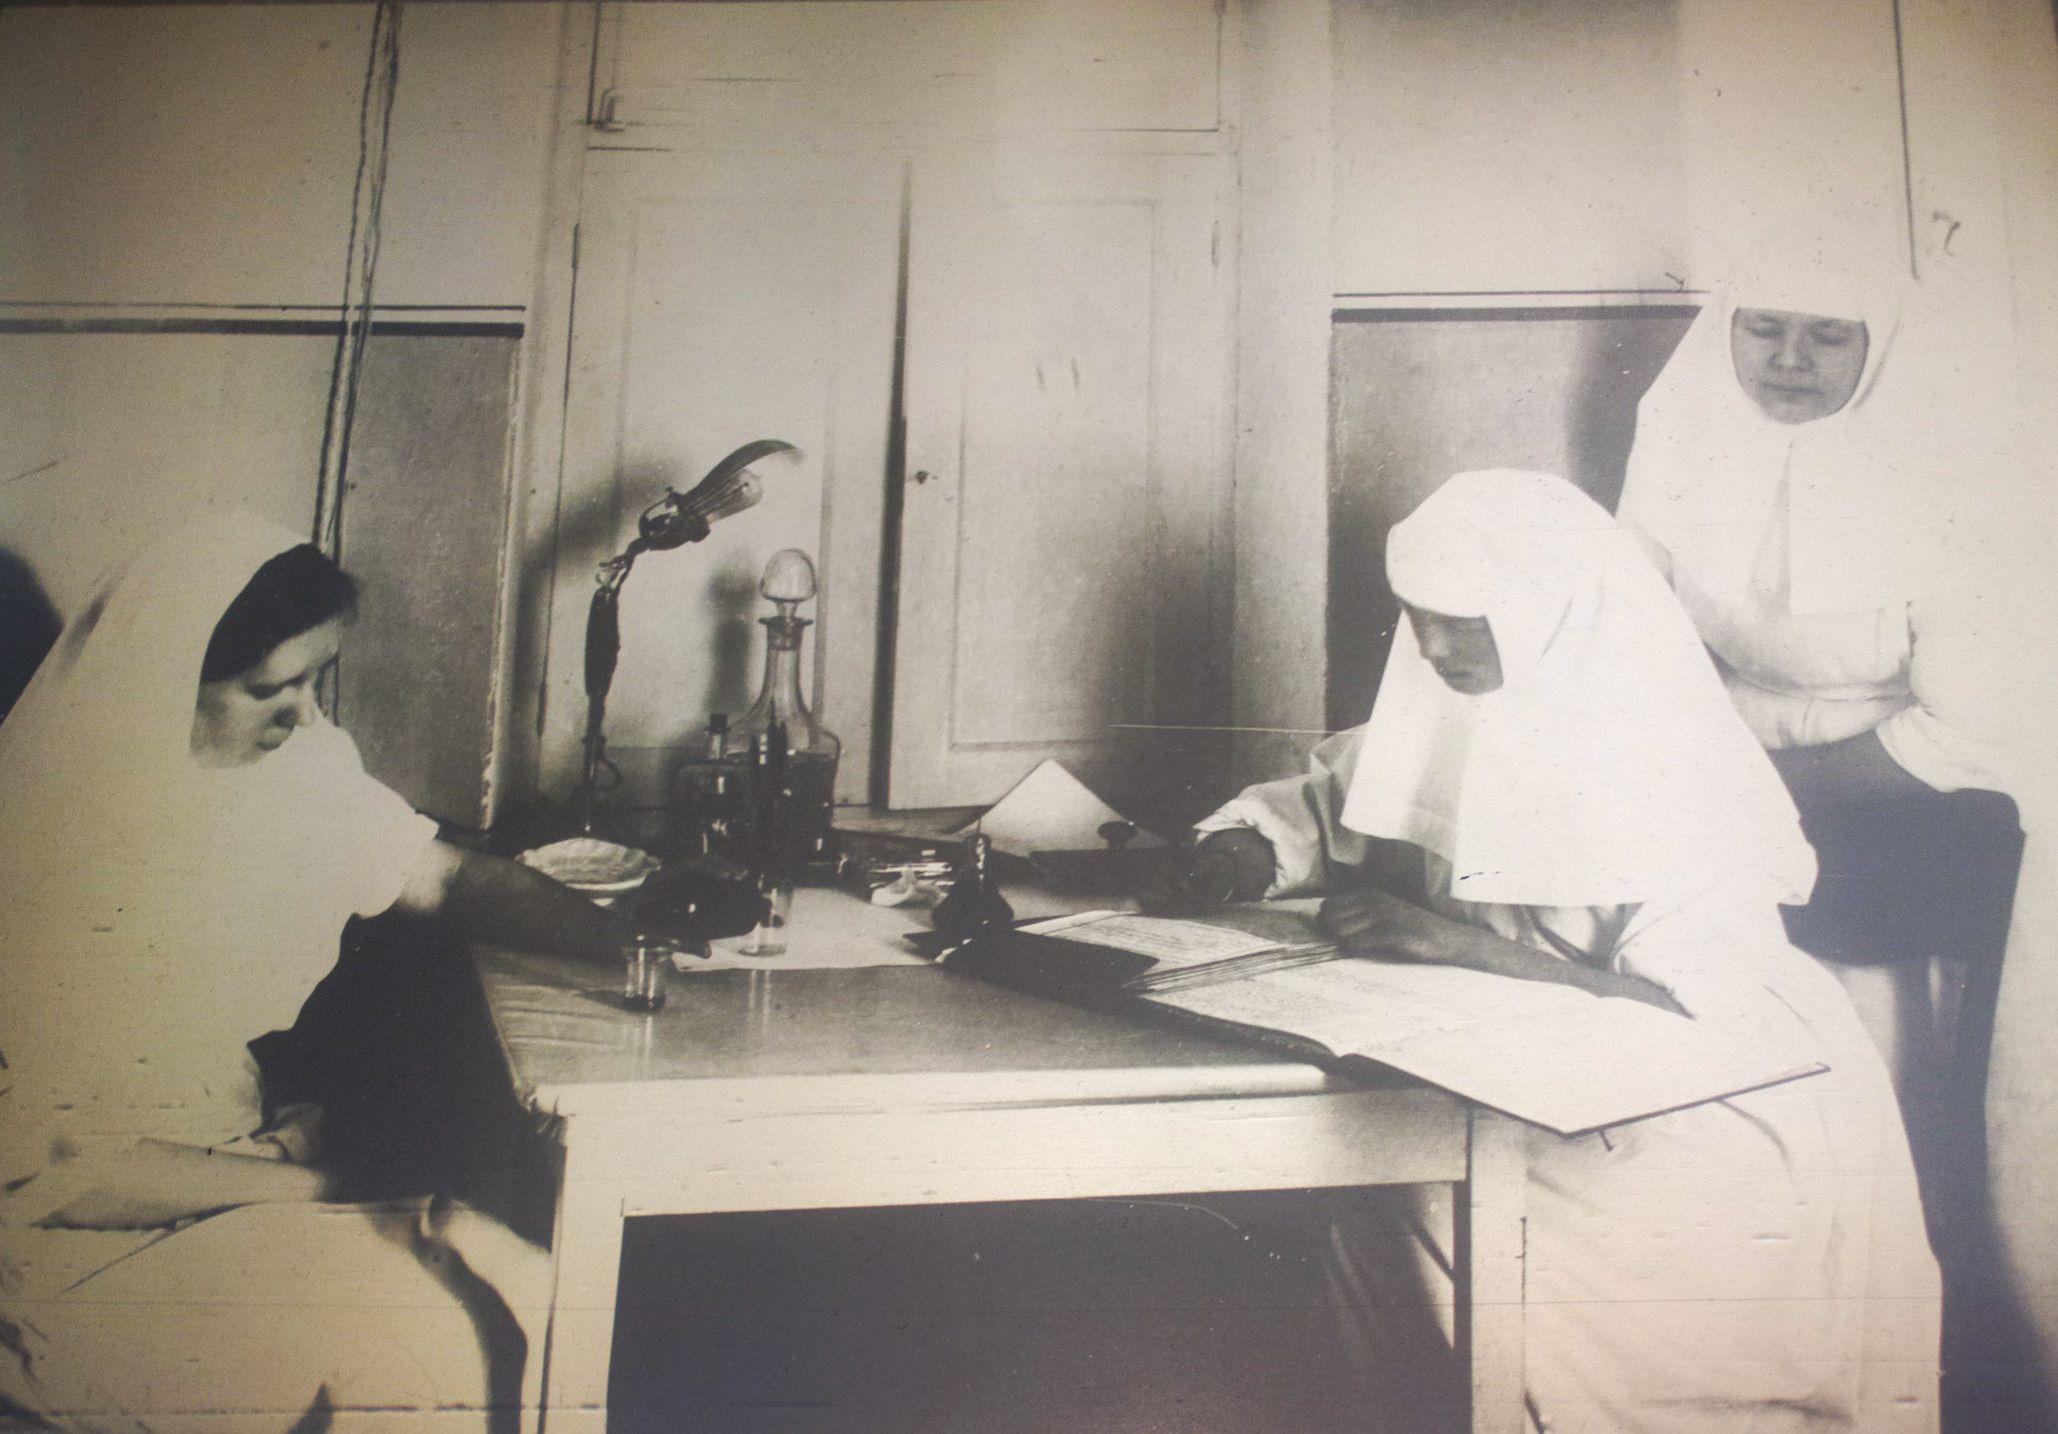 Grand Duchess Olga Nikolaevna (sentada a direita) com as enfermeiras no Hospital em Tsarskoye Selo em 1915.